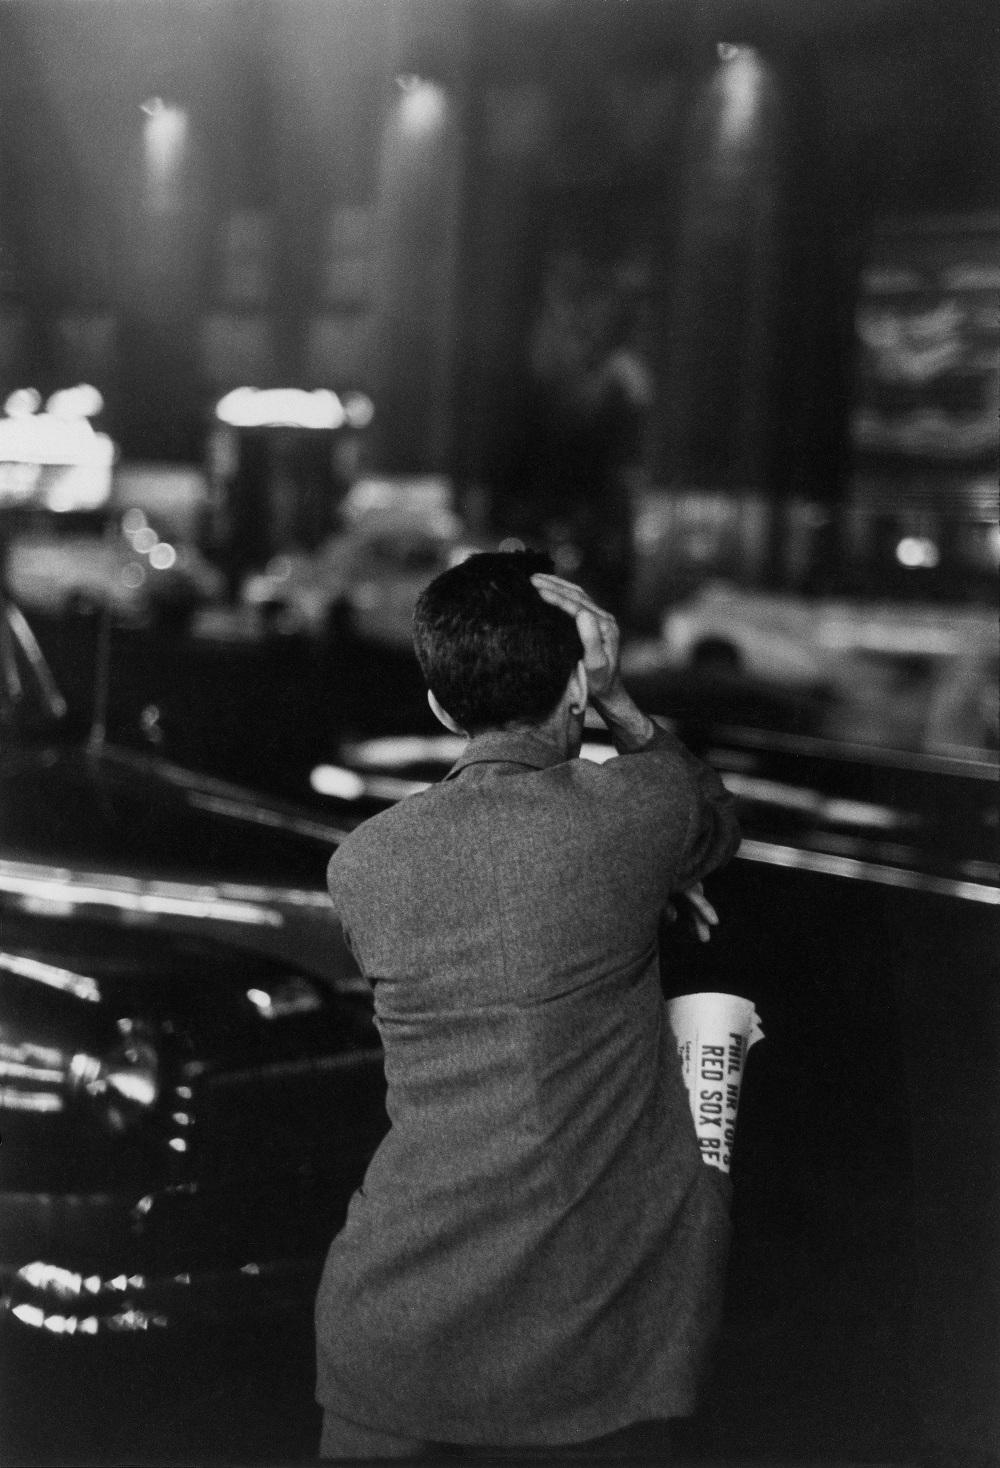 Chômeur observant le Rockefeller Center, New York1947© Louis Faurer Estate